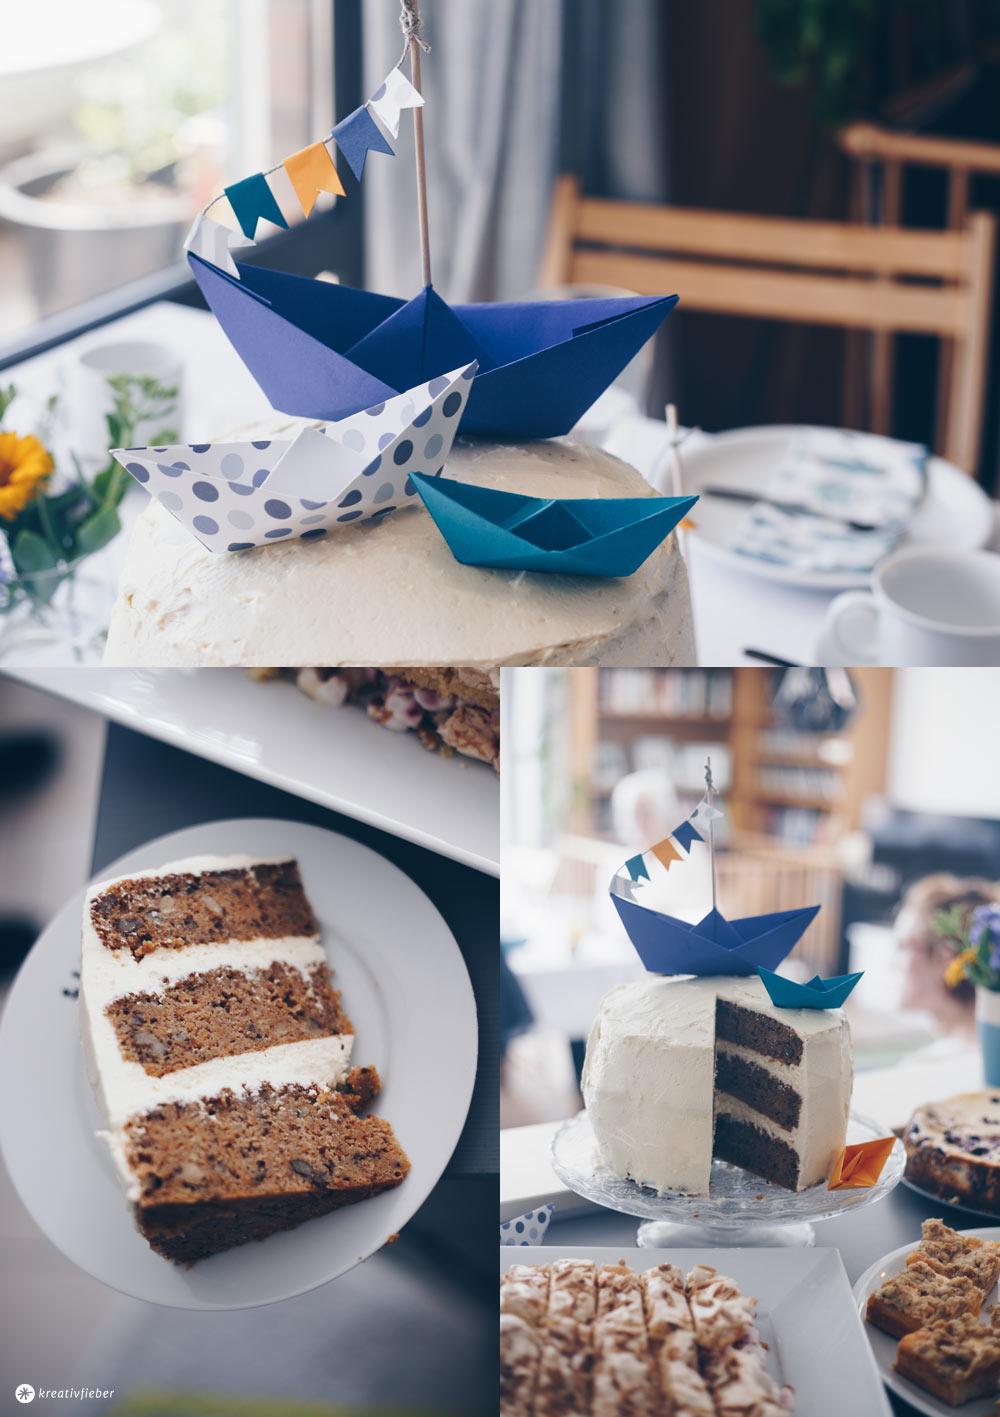 Carrot Cake Tauftorte selbermachen und Kuchenbuffet zur Taufe planen - 5 Tipps für eine entspannte Vorbereitung einer Tauffeier